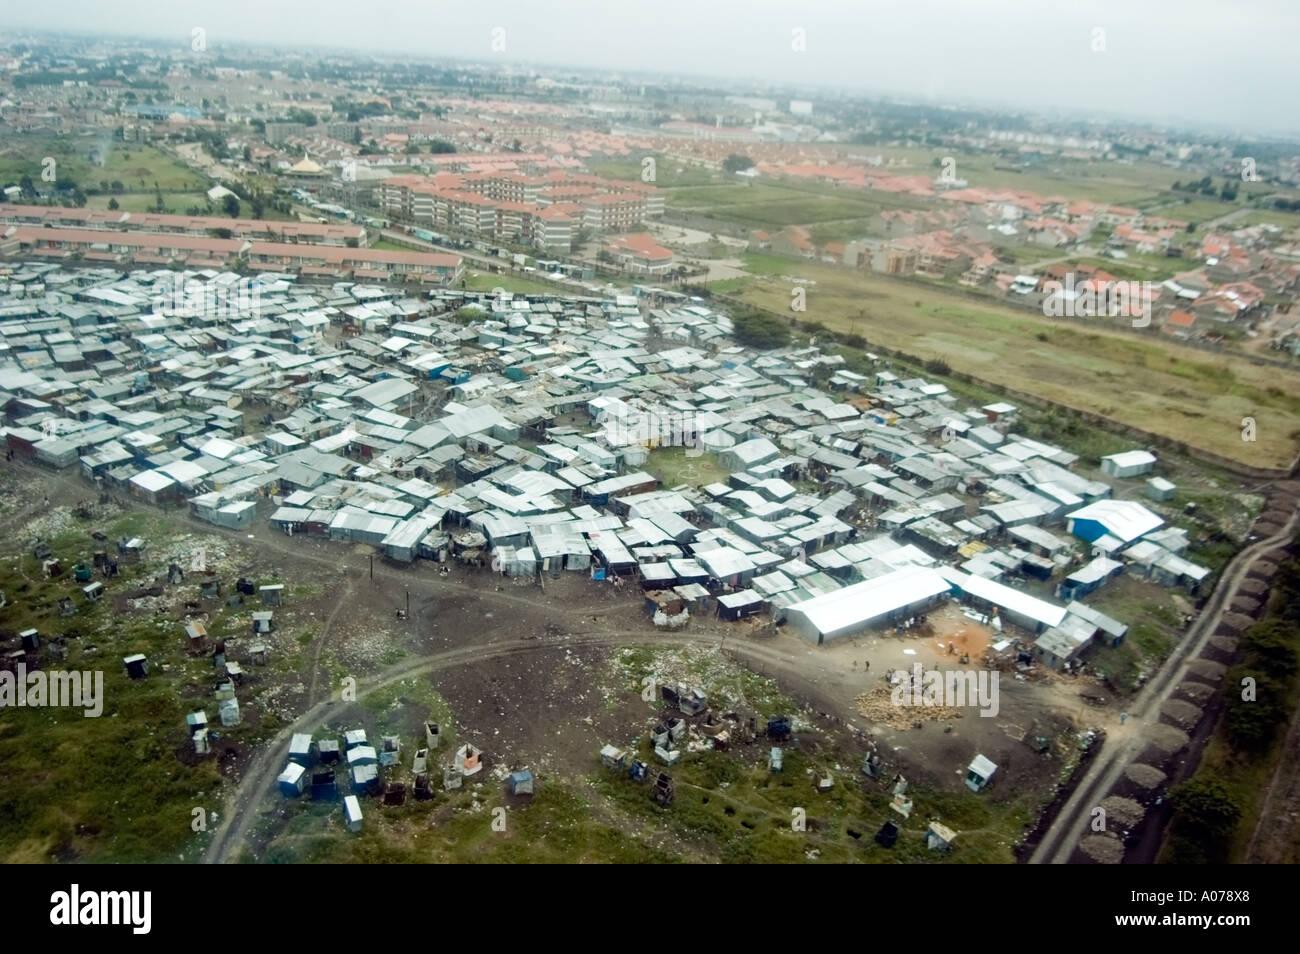 Aeroporto Kenya : Area di squatter e shanti città accanto alla pista presso l